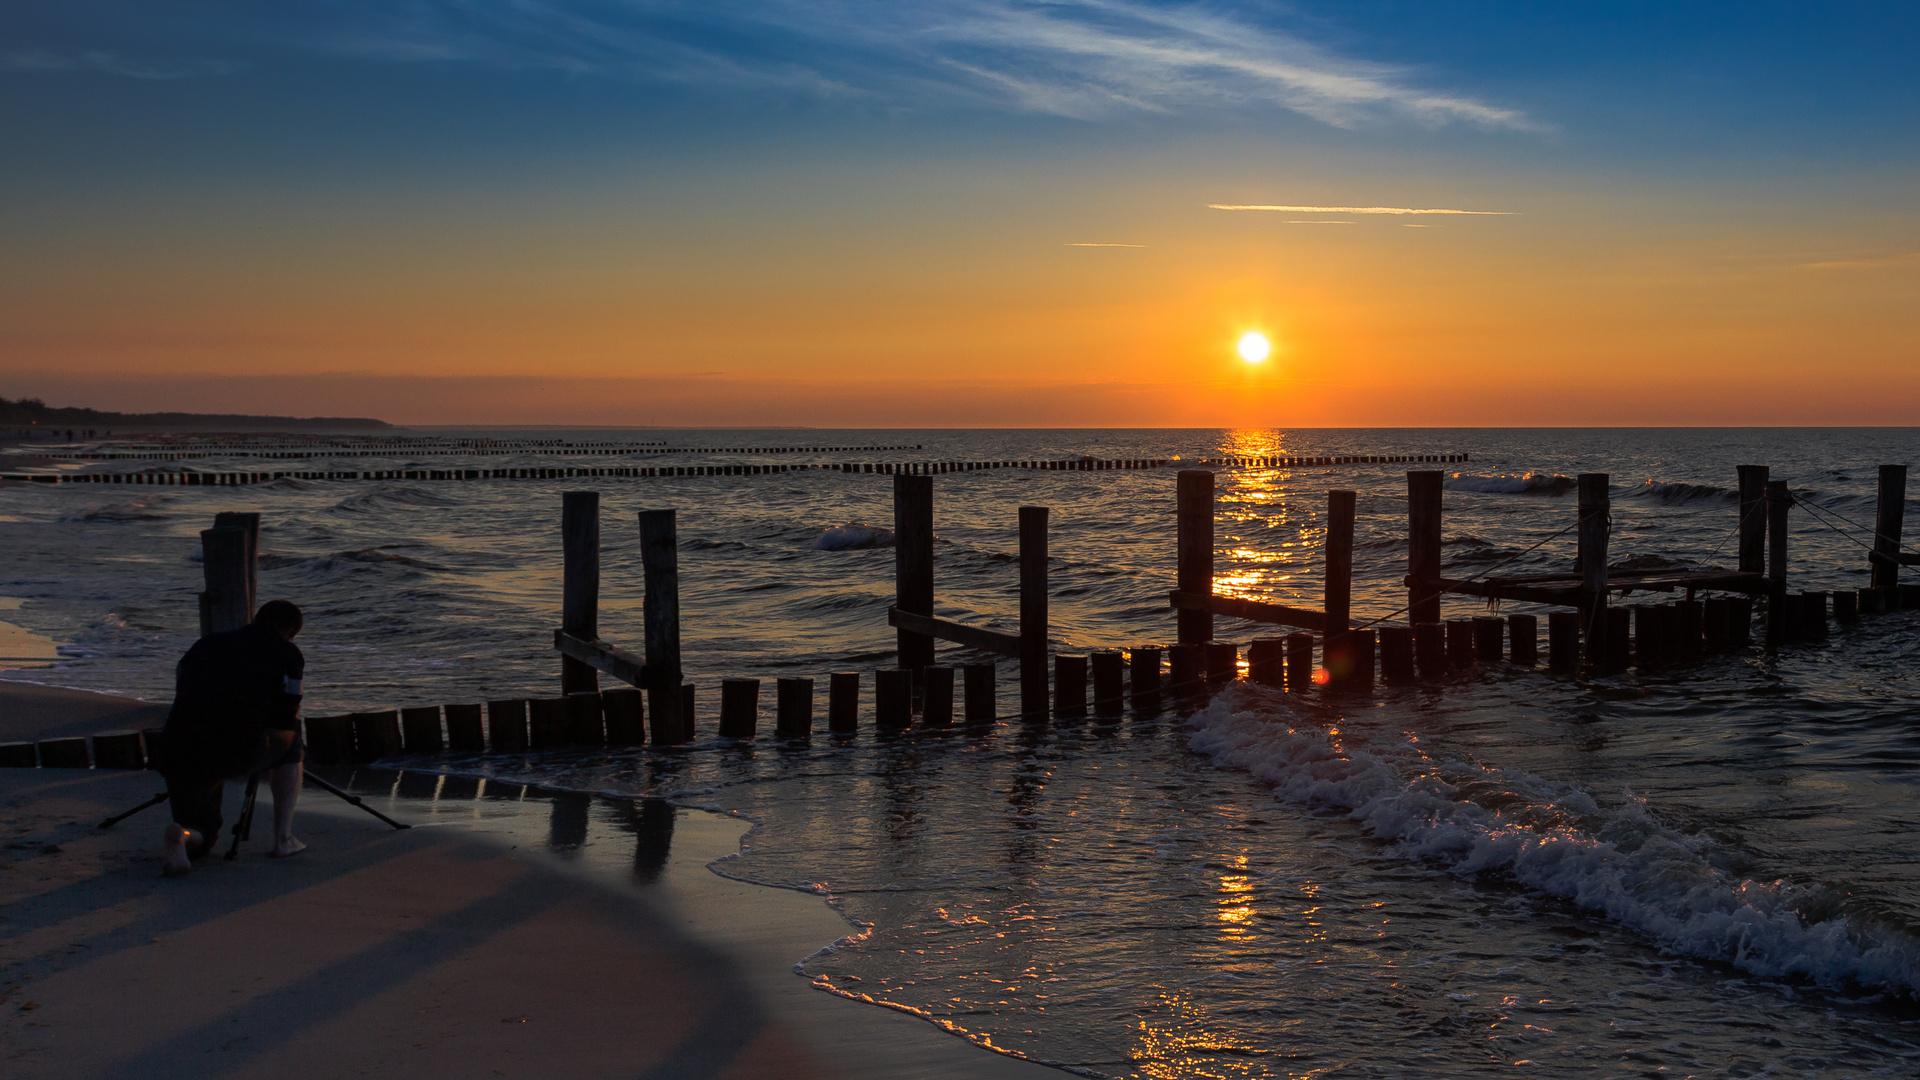 Abend am Meer ...